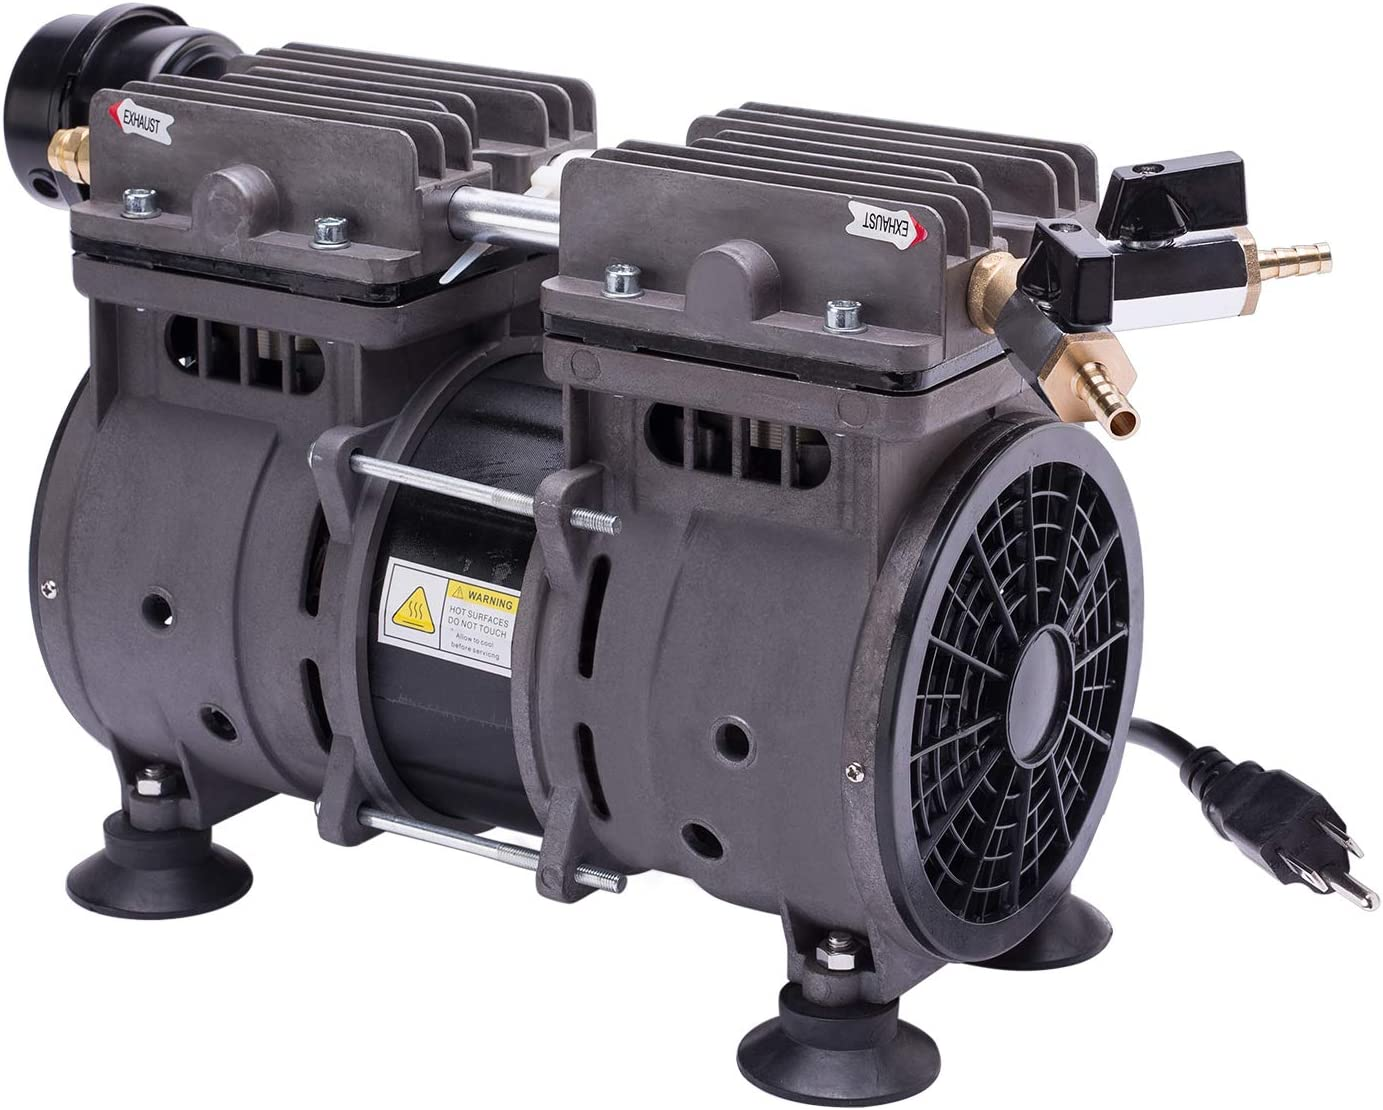 HQUA PAS20RPC,1/2 HP Pump Compressor for PAS20 Pond & Lake Aeration System